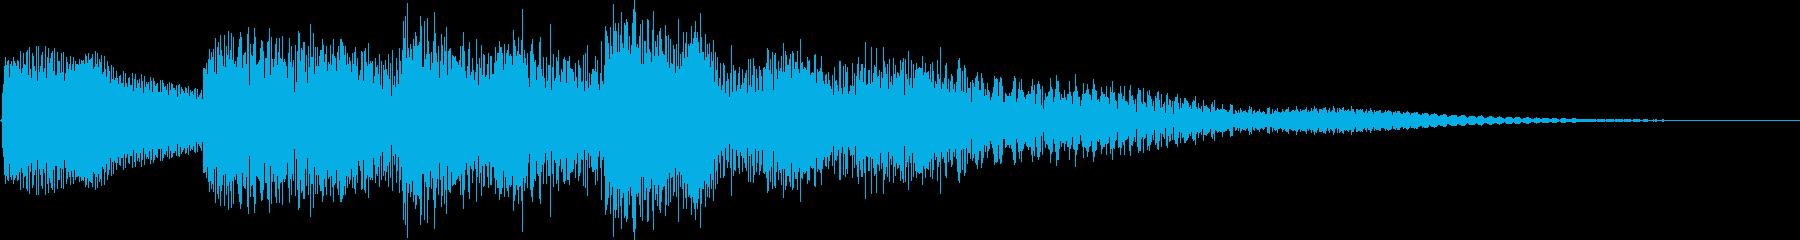 キンコンカンコン(呼び出し チャイム)の再生済みの波形